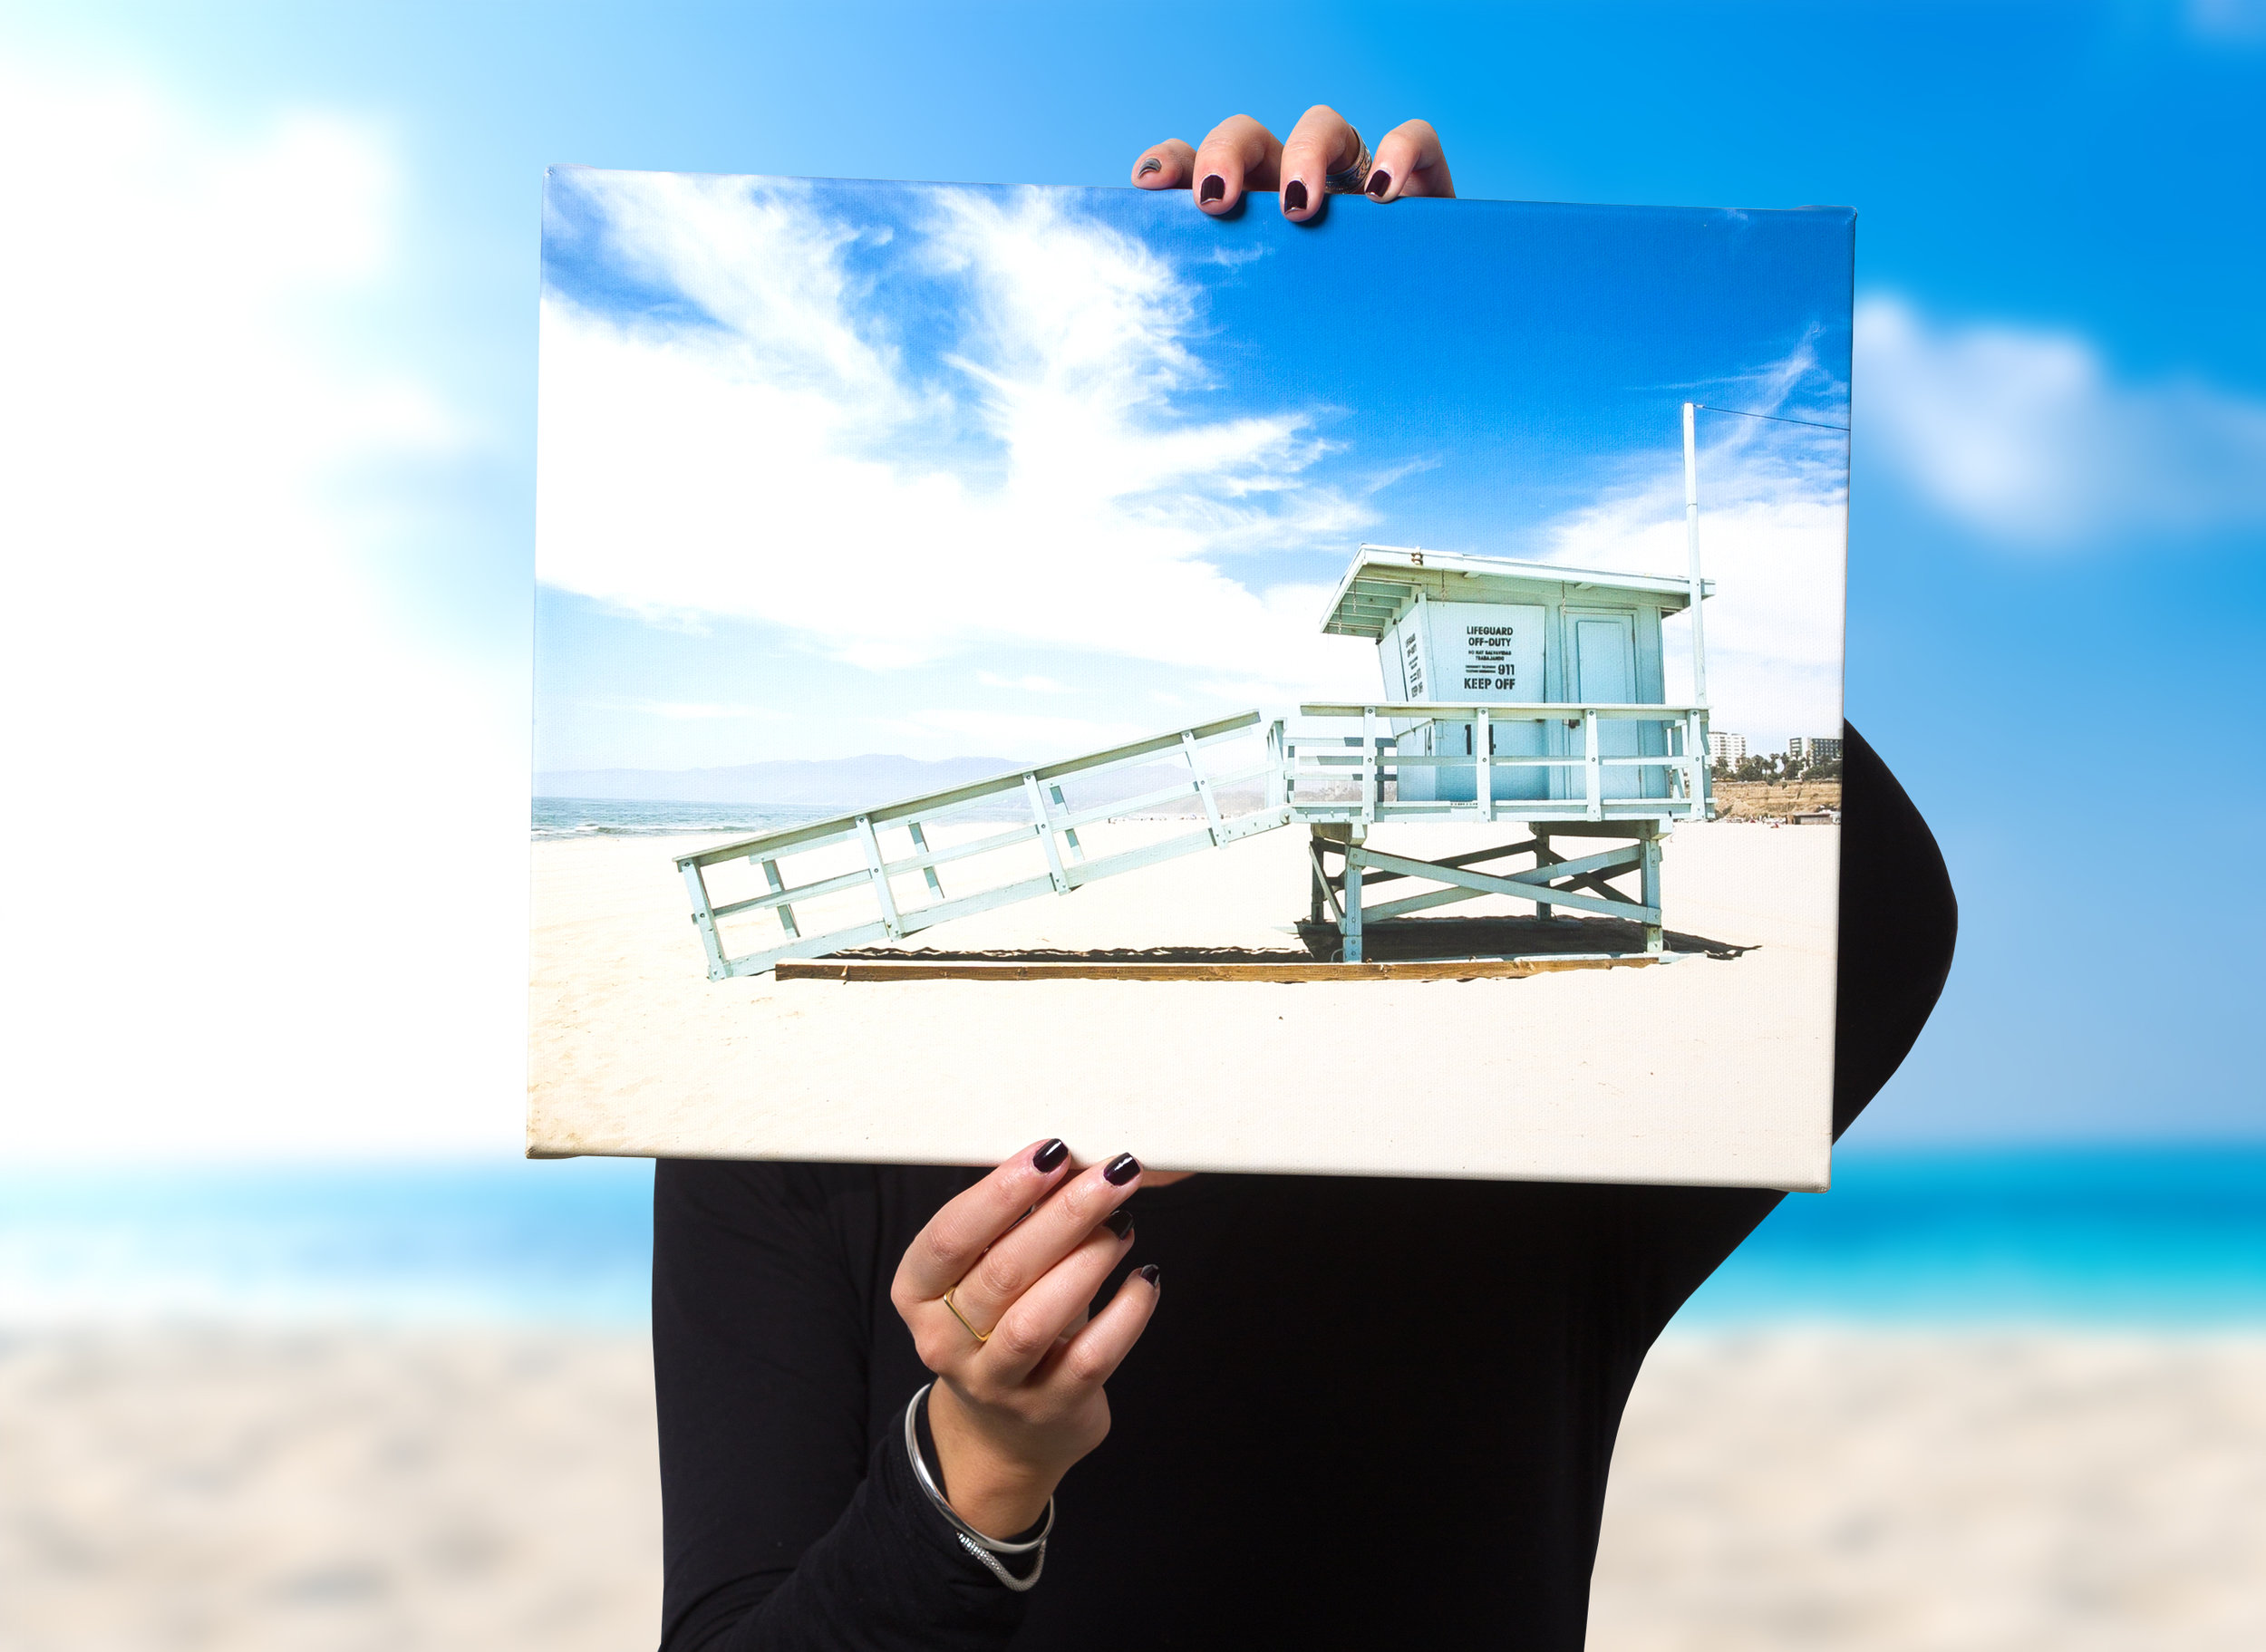 """Canvas Landscape M   Size: 16x12"""" - 40x30 cm Depth: 1.5"""" - 38 mm"""